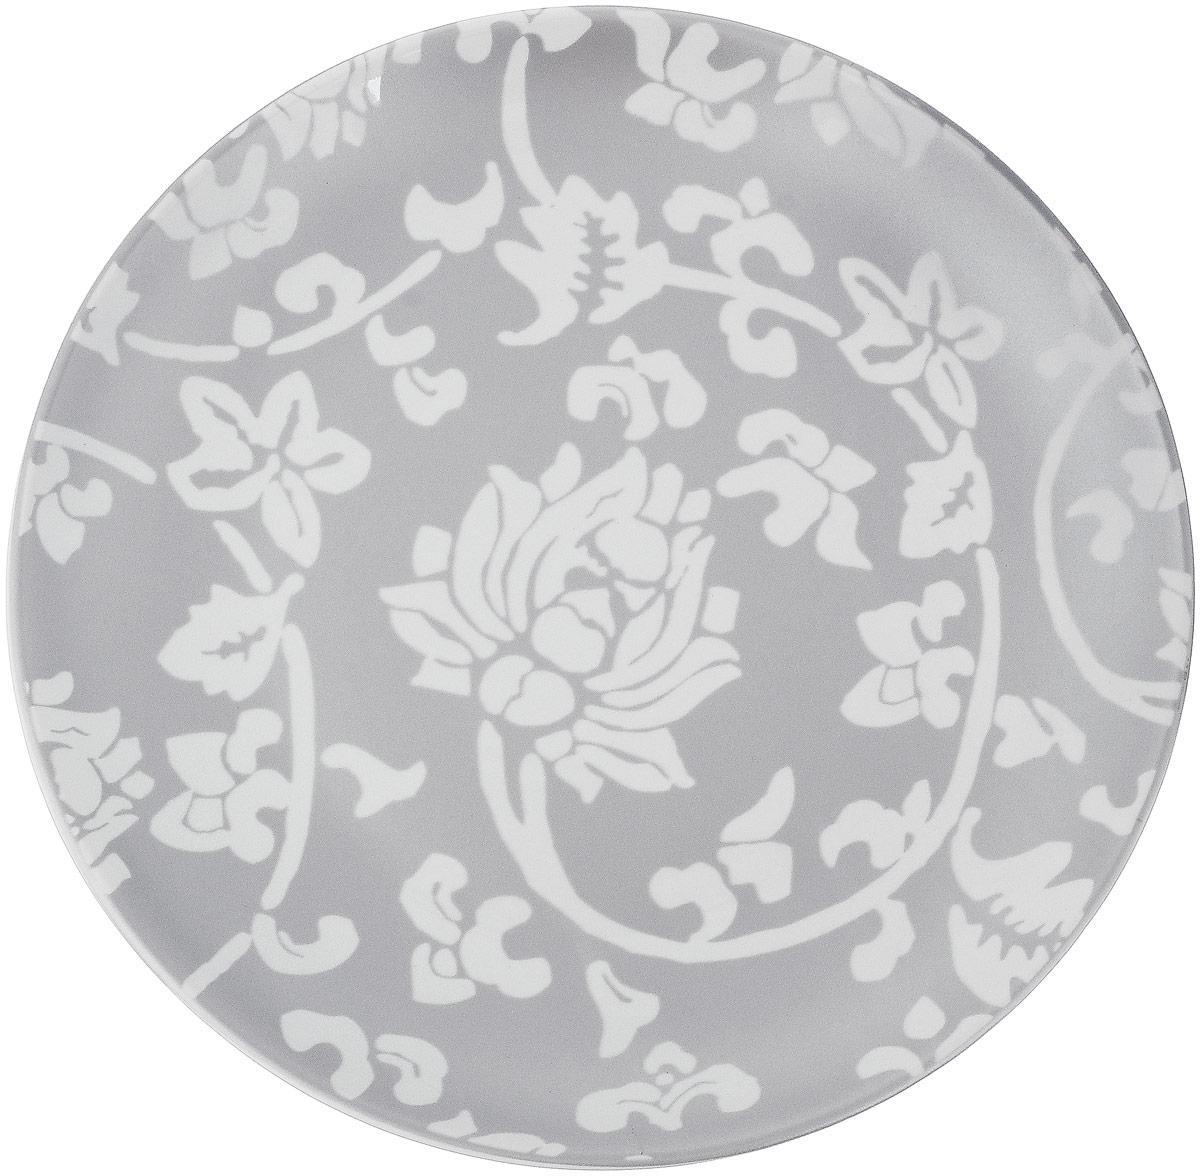 Тарелка десертная Sango Ceramics Джапан Деним Сильвер, диаметр 20,5 смUTJDS36810Десертная тарелка Sango Ceramics Джапан Деним Сильвер, изготовленная из высококачественной керамики, имеет изысканный внешний вид. Такая тарелка прекрасно подходит как для торжественных случаев, так и для повседневного использования. Идеальна для подачи десертов, пирожных, тортов и многого другого. Она прекрасно оформит стол и станет отличным дополнением к вашей коллекции кухонной посуды. Можно использовать в посудомоечной машине и СВЧ. Диаметр тарелки: 20,5 см. Высота тарелки: 2,4 см.